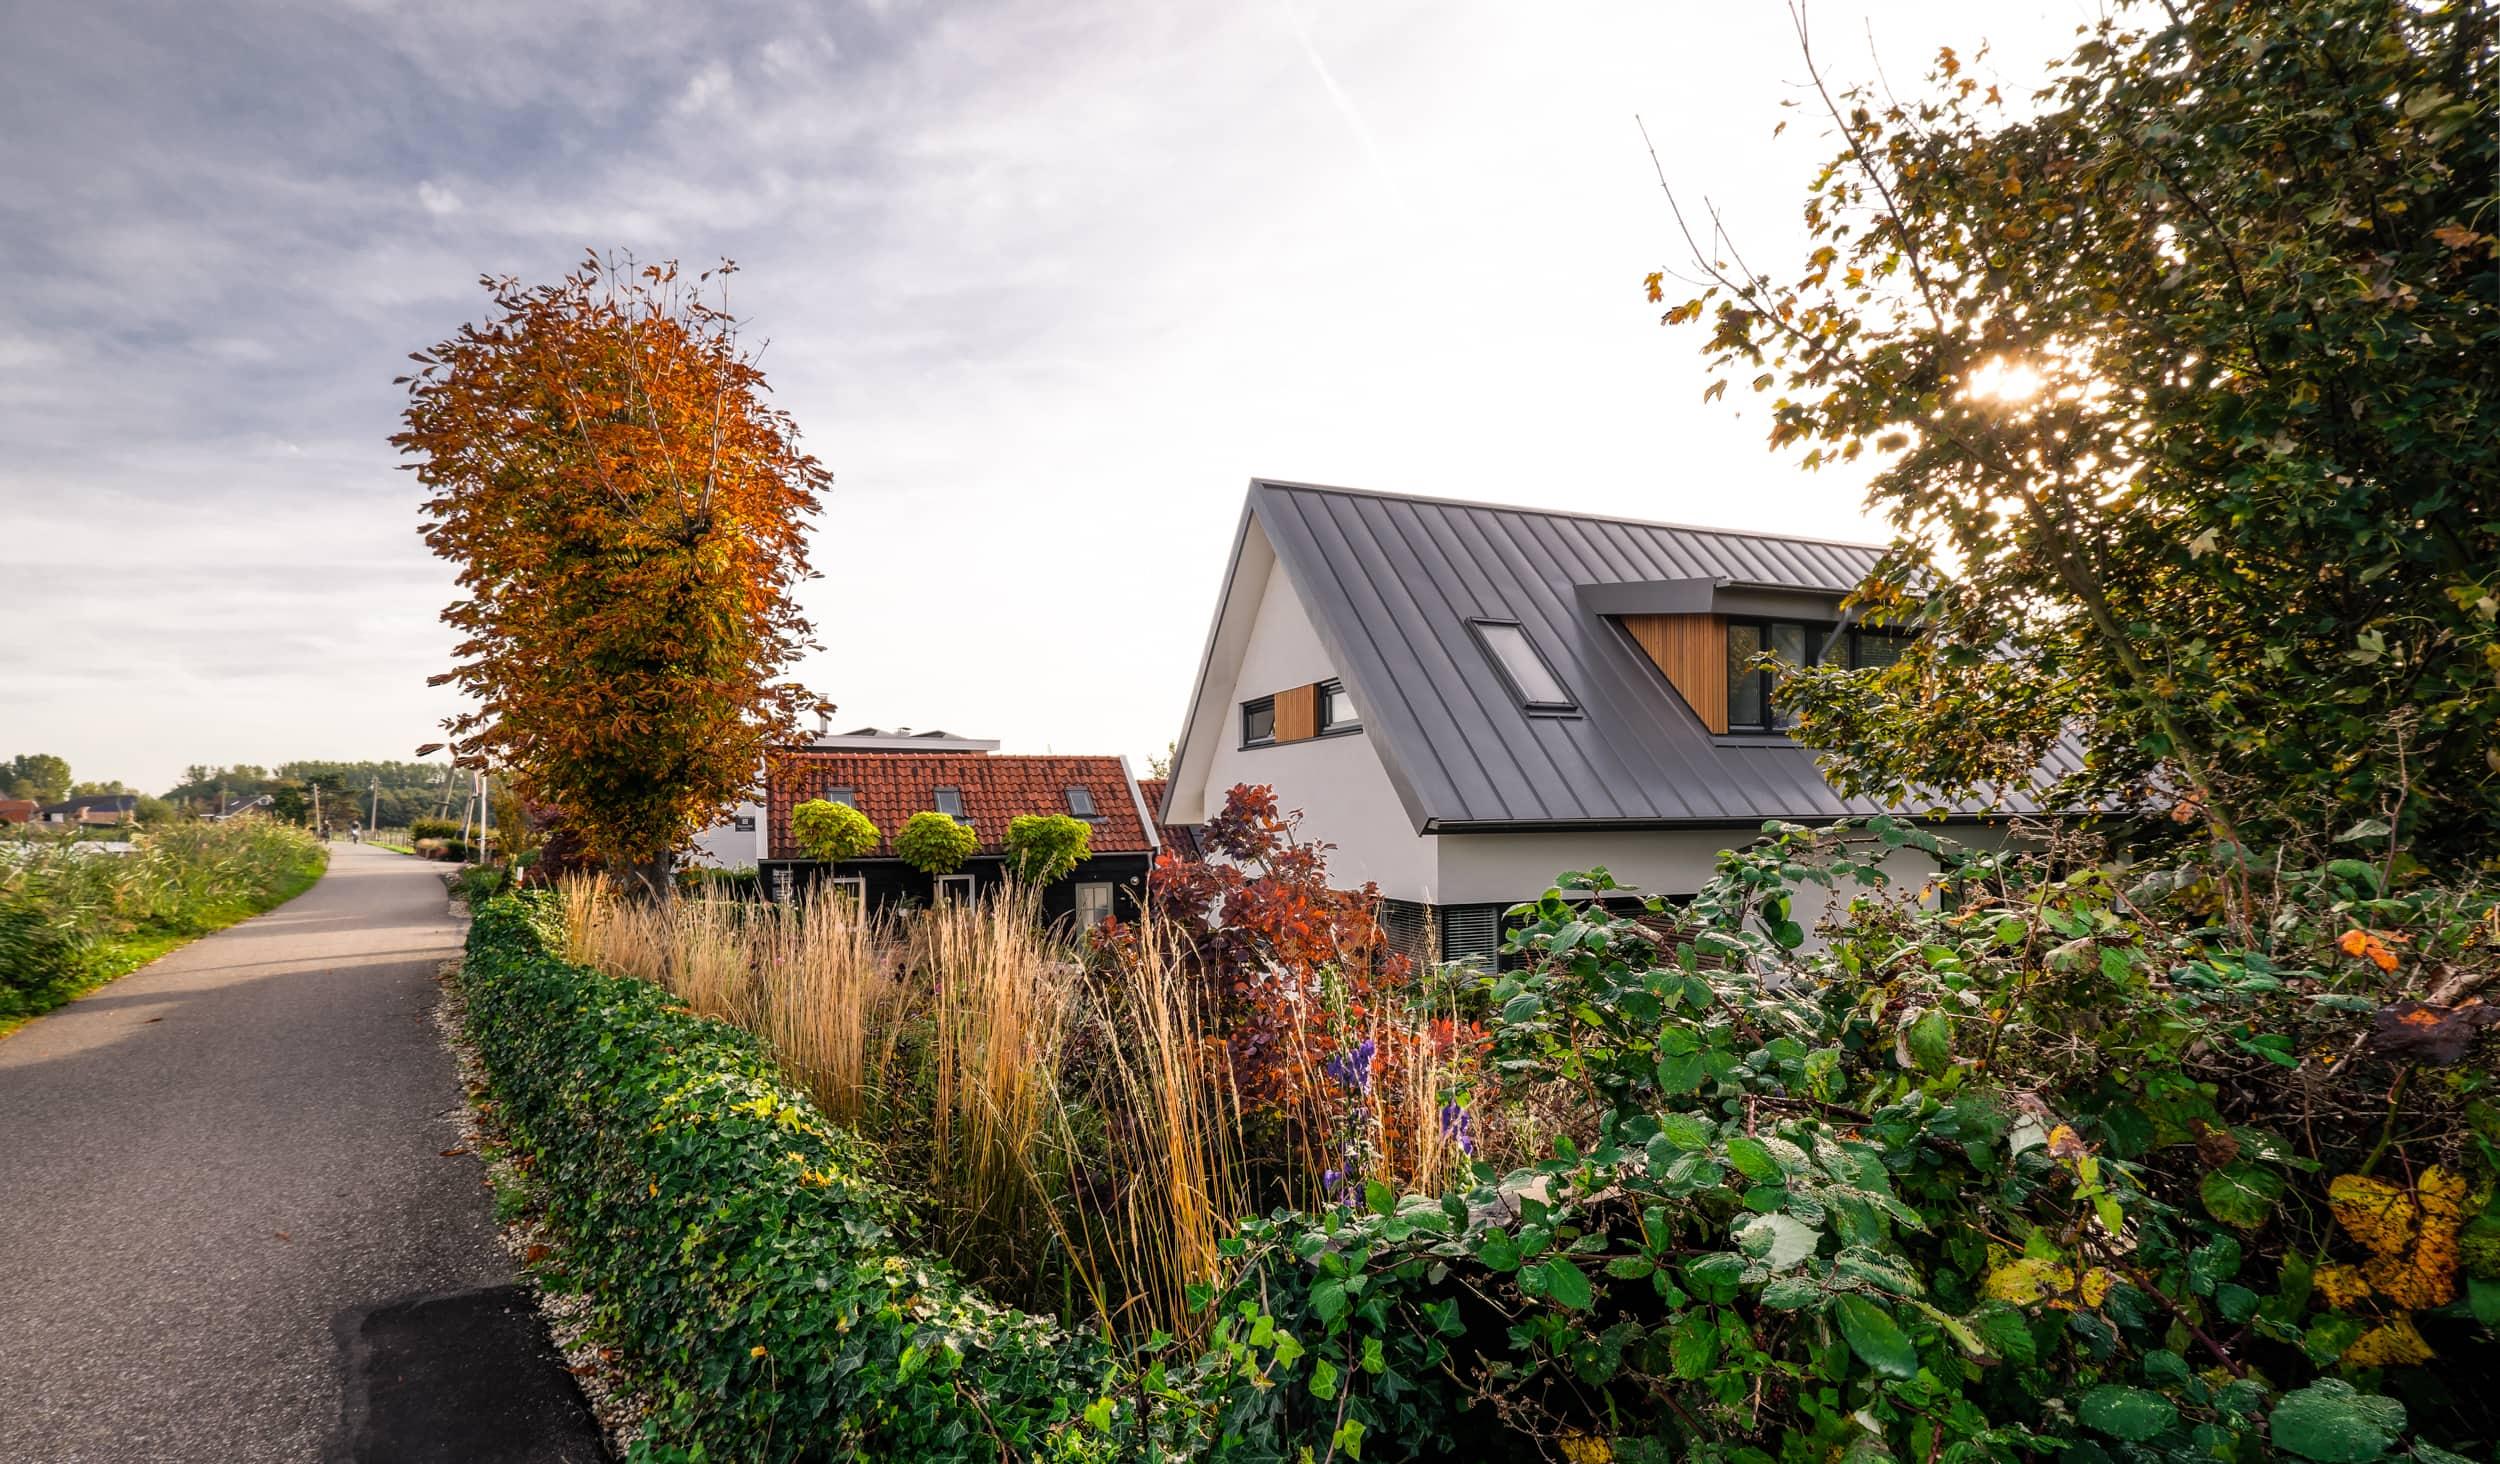 van-os-architecten-nieuwbouw-dijkwoning-rottekade-zevenhuizen-dijkwoning-achter-dijk-tussen-groen